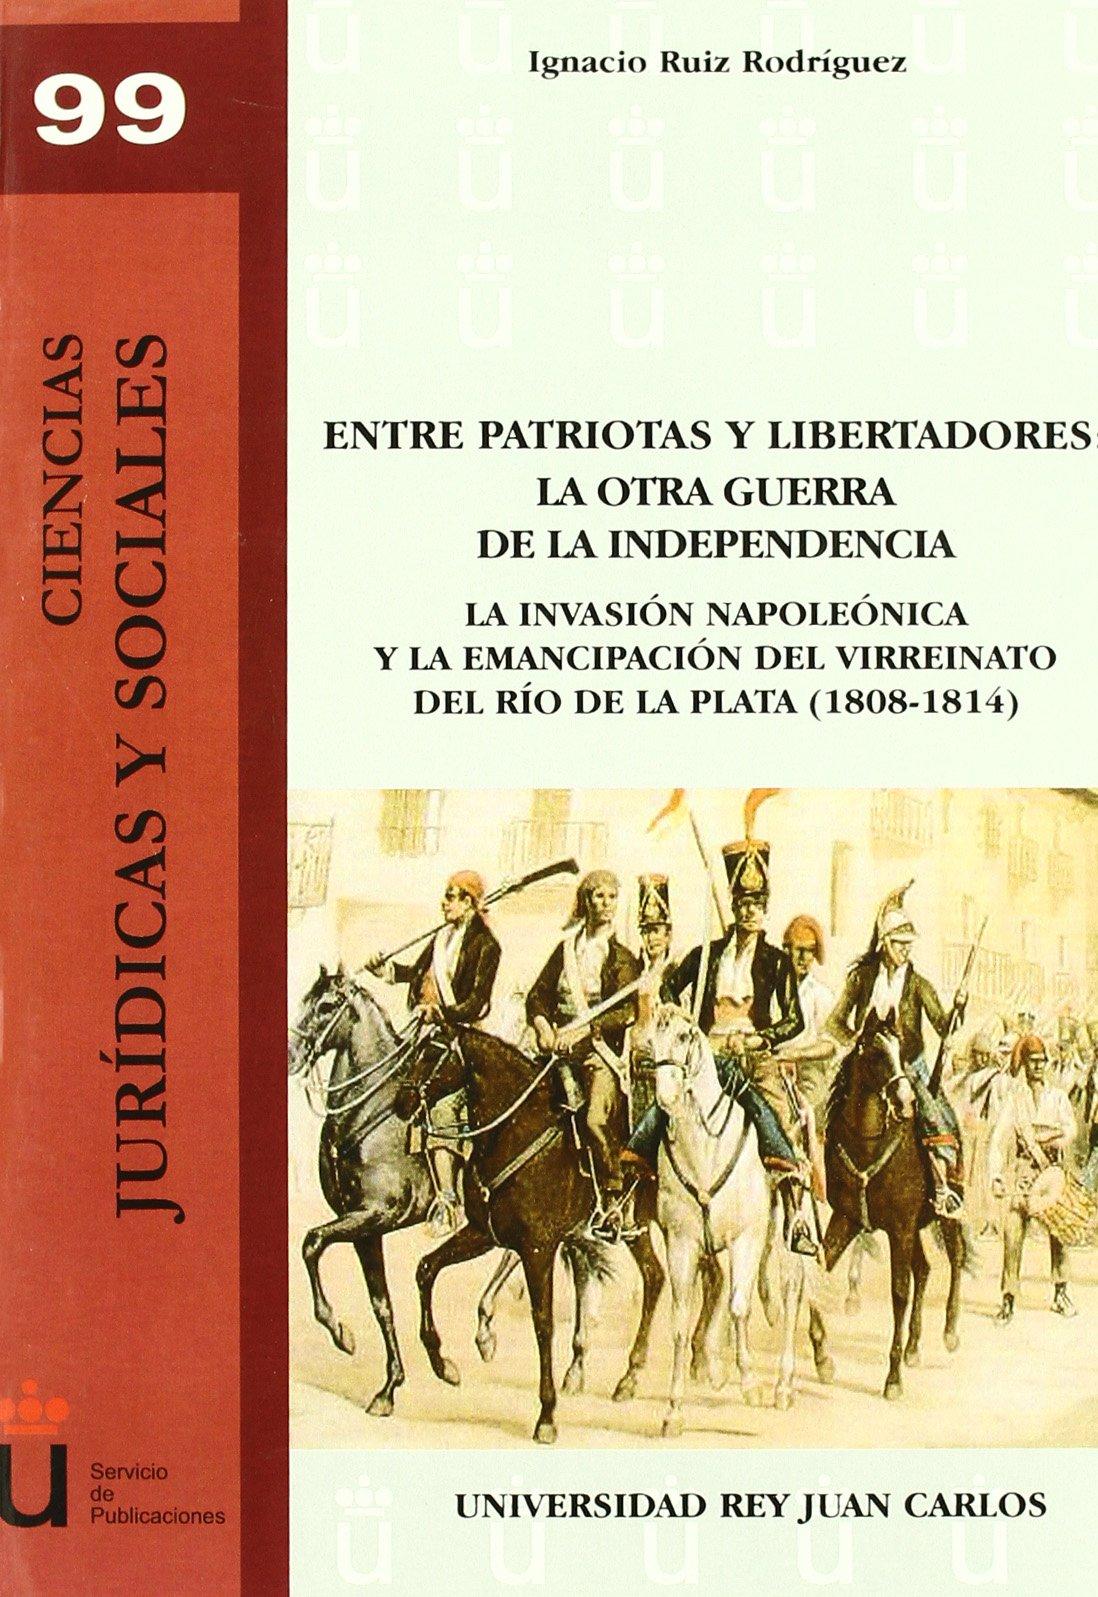 Entre Patriotas Y Libertadores. La Otra Guerra De La Independencia URJC - Ciencias Jurídicas y Sociales: Amazon.es: Ruíz, Ignacio Ruiz: Libros